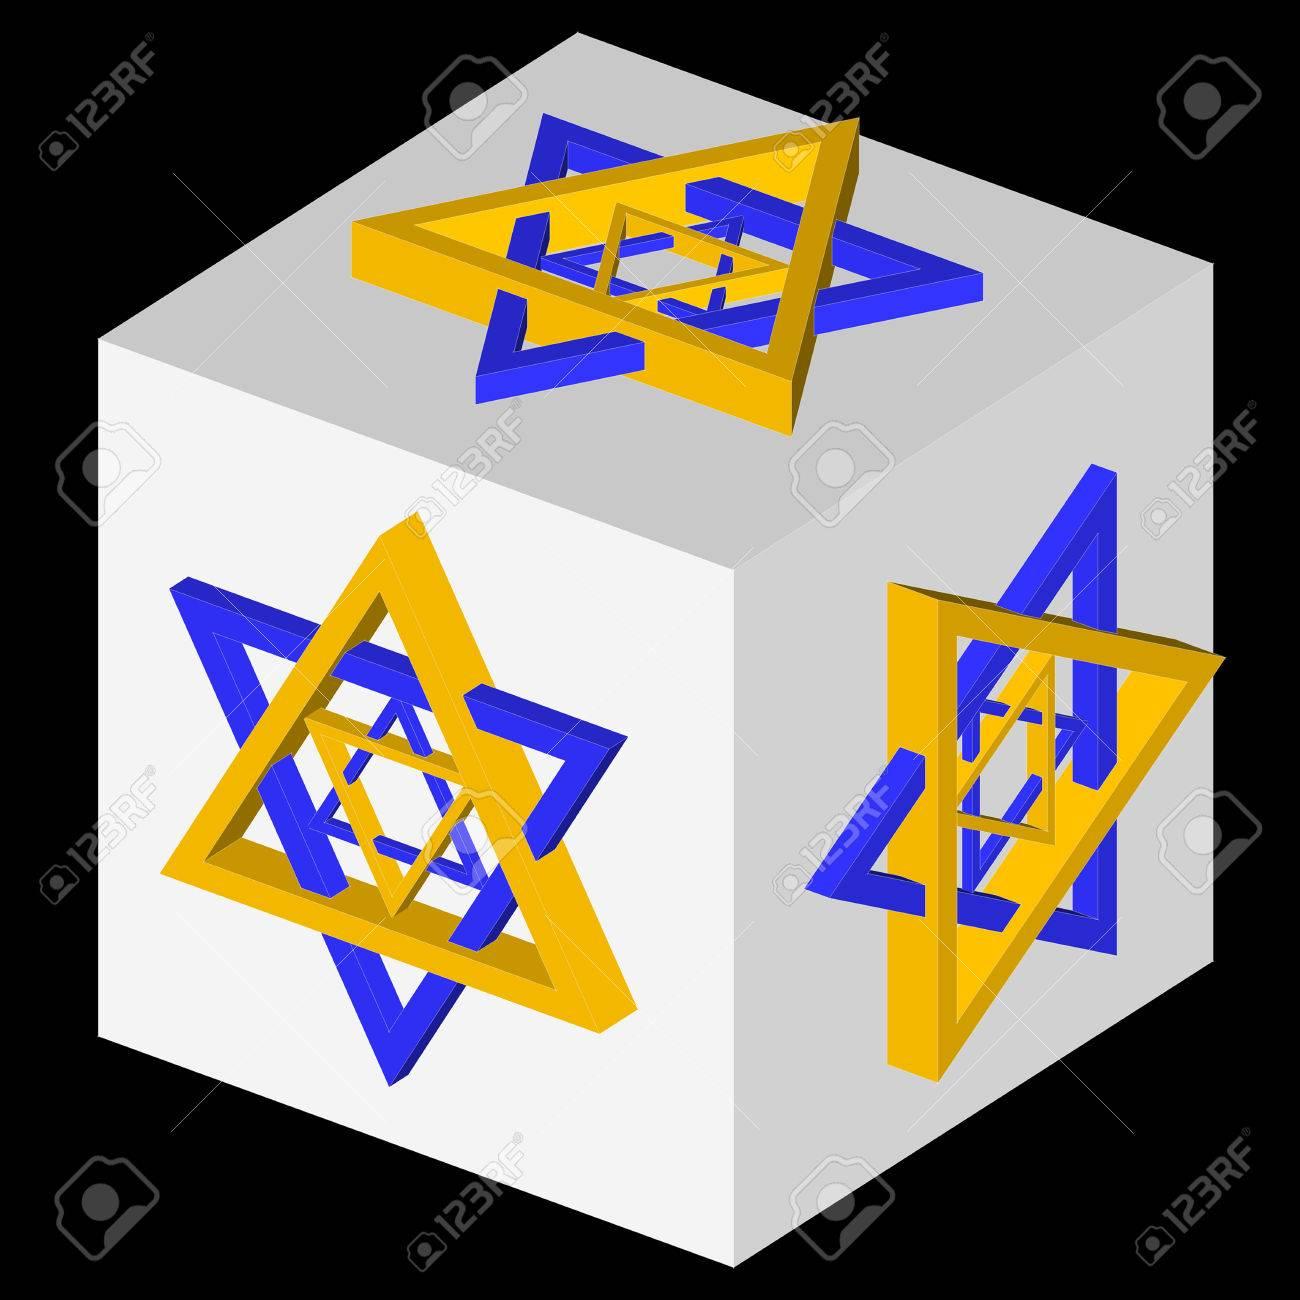 Hochwertig 3D Davidsstern Magen David   Jüdisches Religionssymbol. Dekorative  Gestaltung. Helle Gelbe Und Blaue Töne